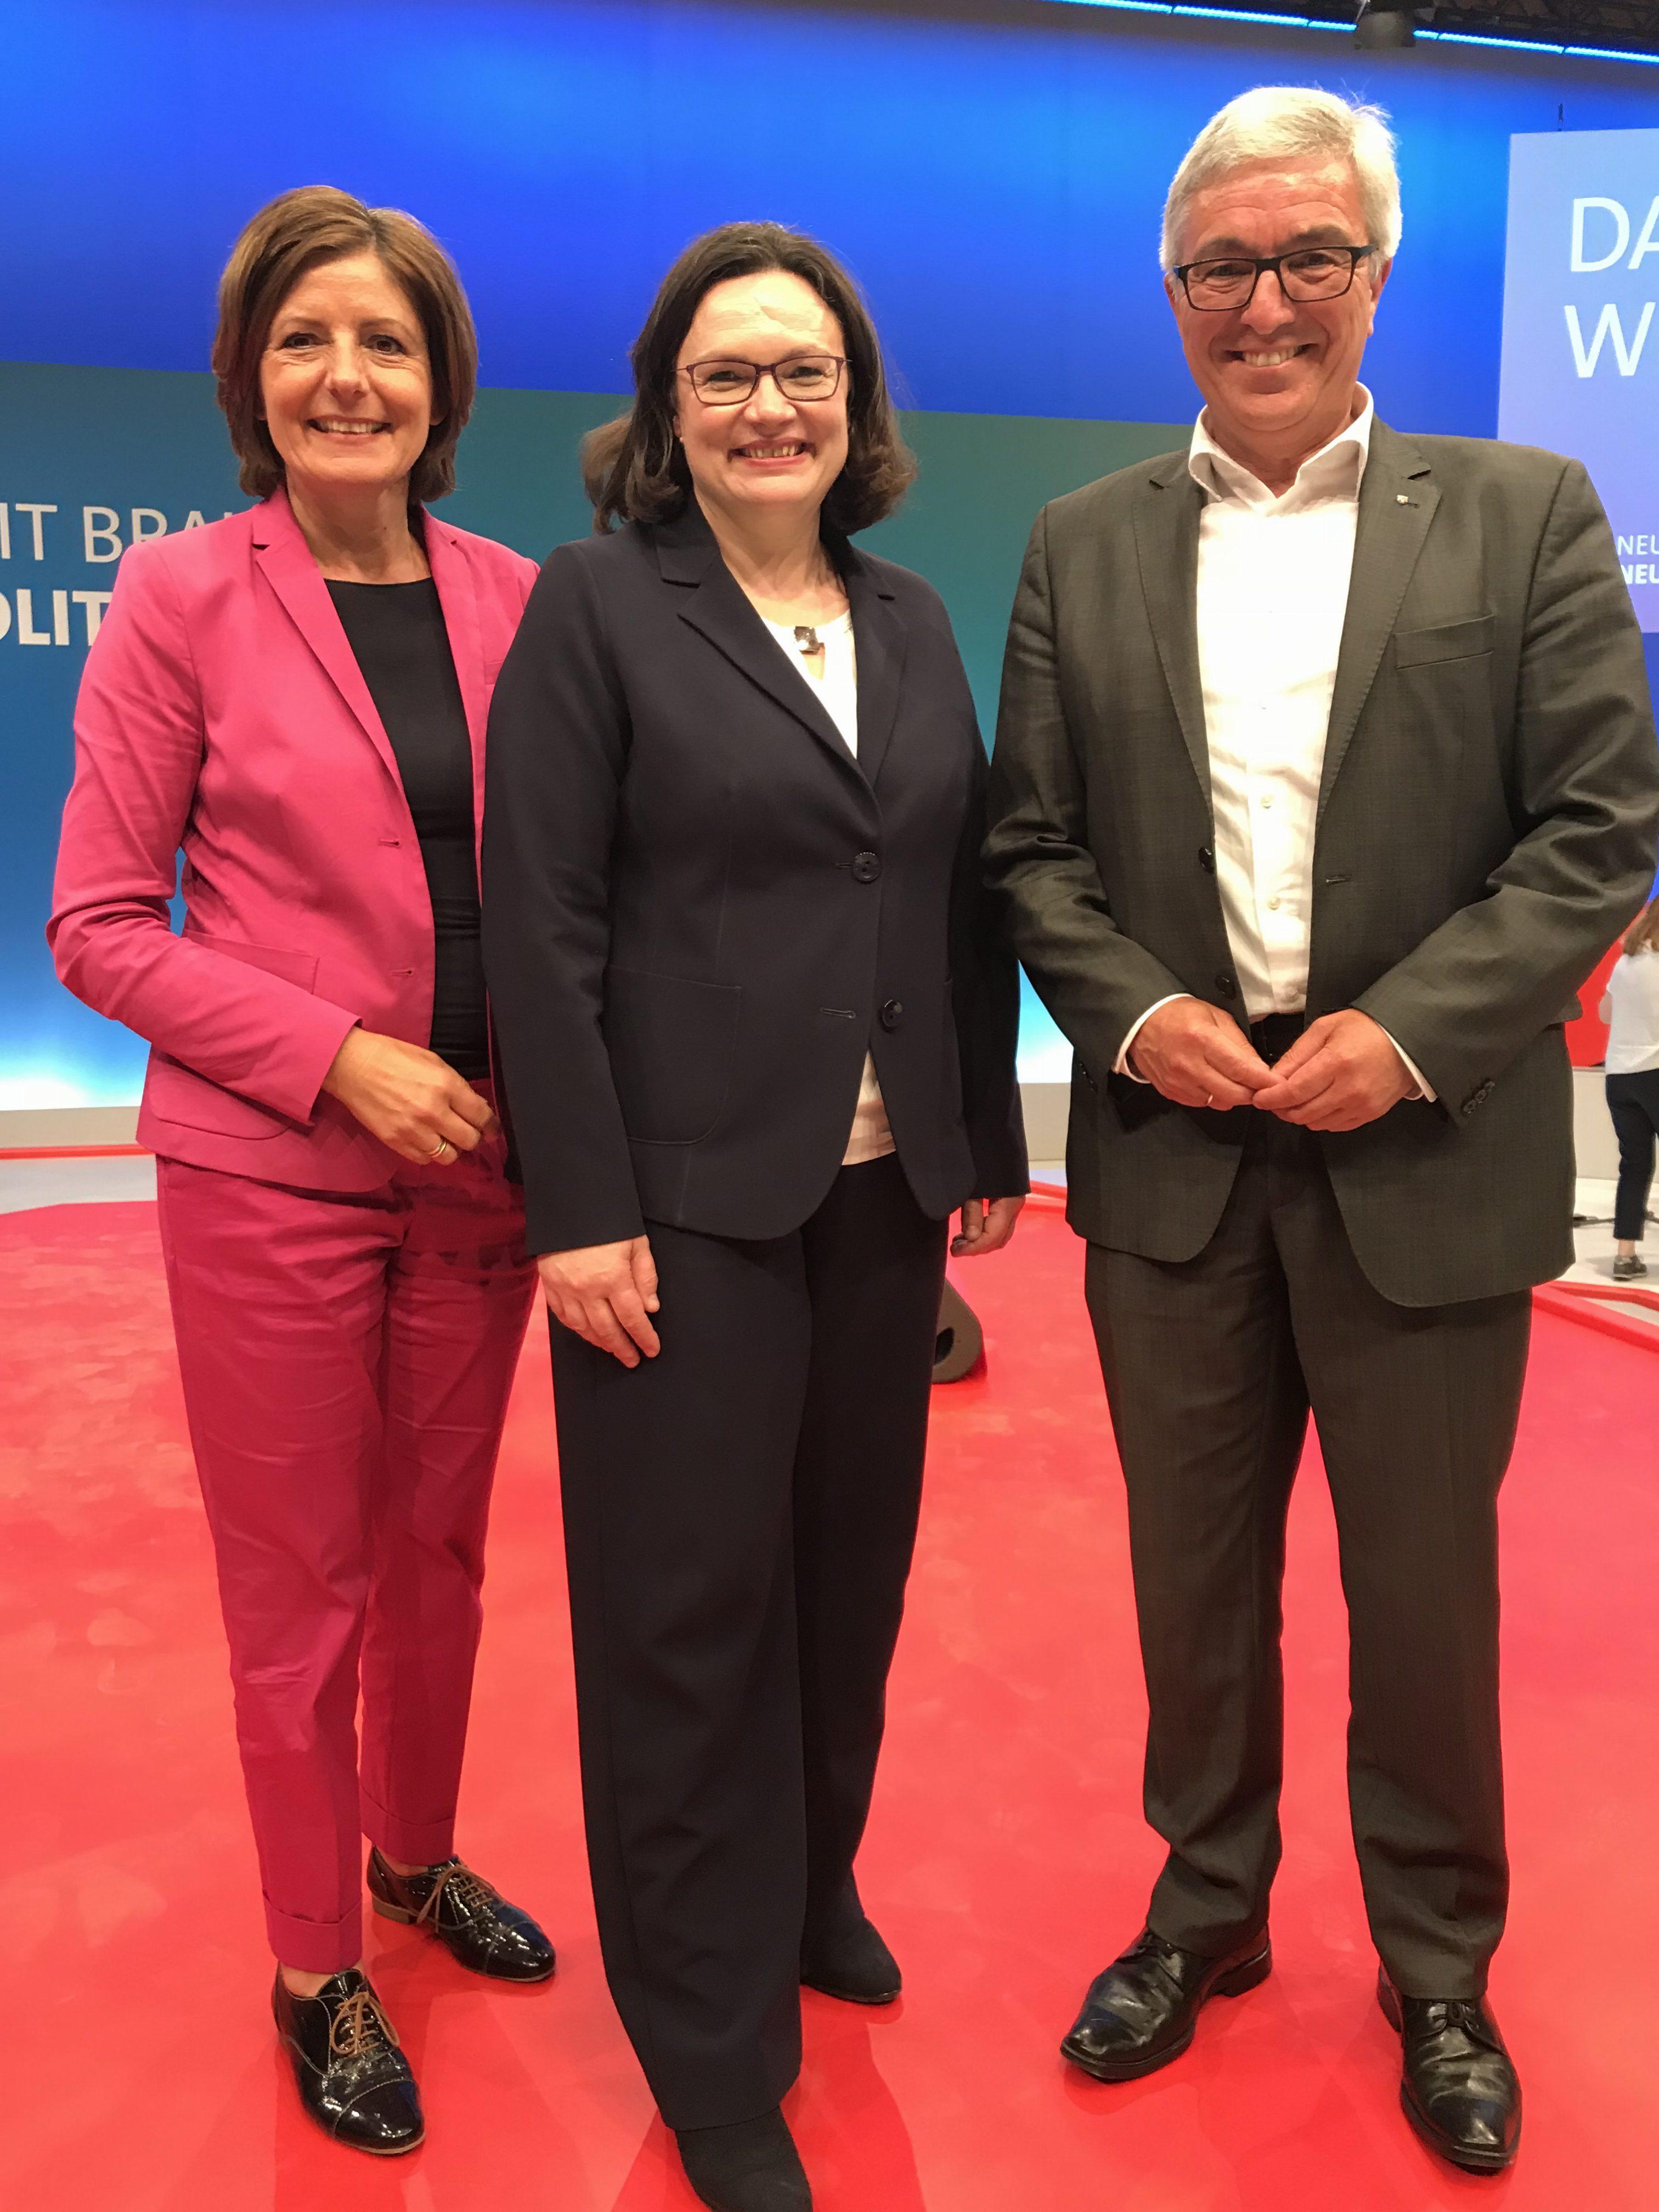 Die erste Frau an der Spitze der SPD ist eine Rheinland-Pfälzerin